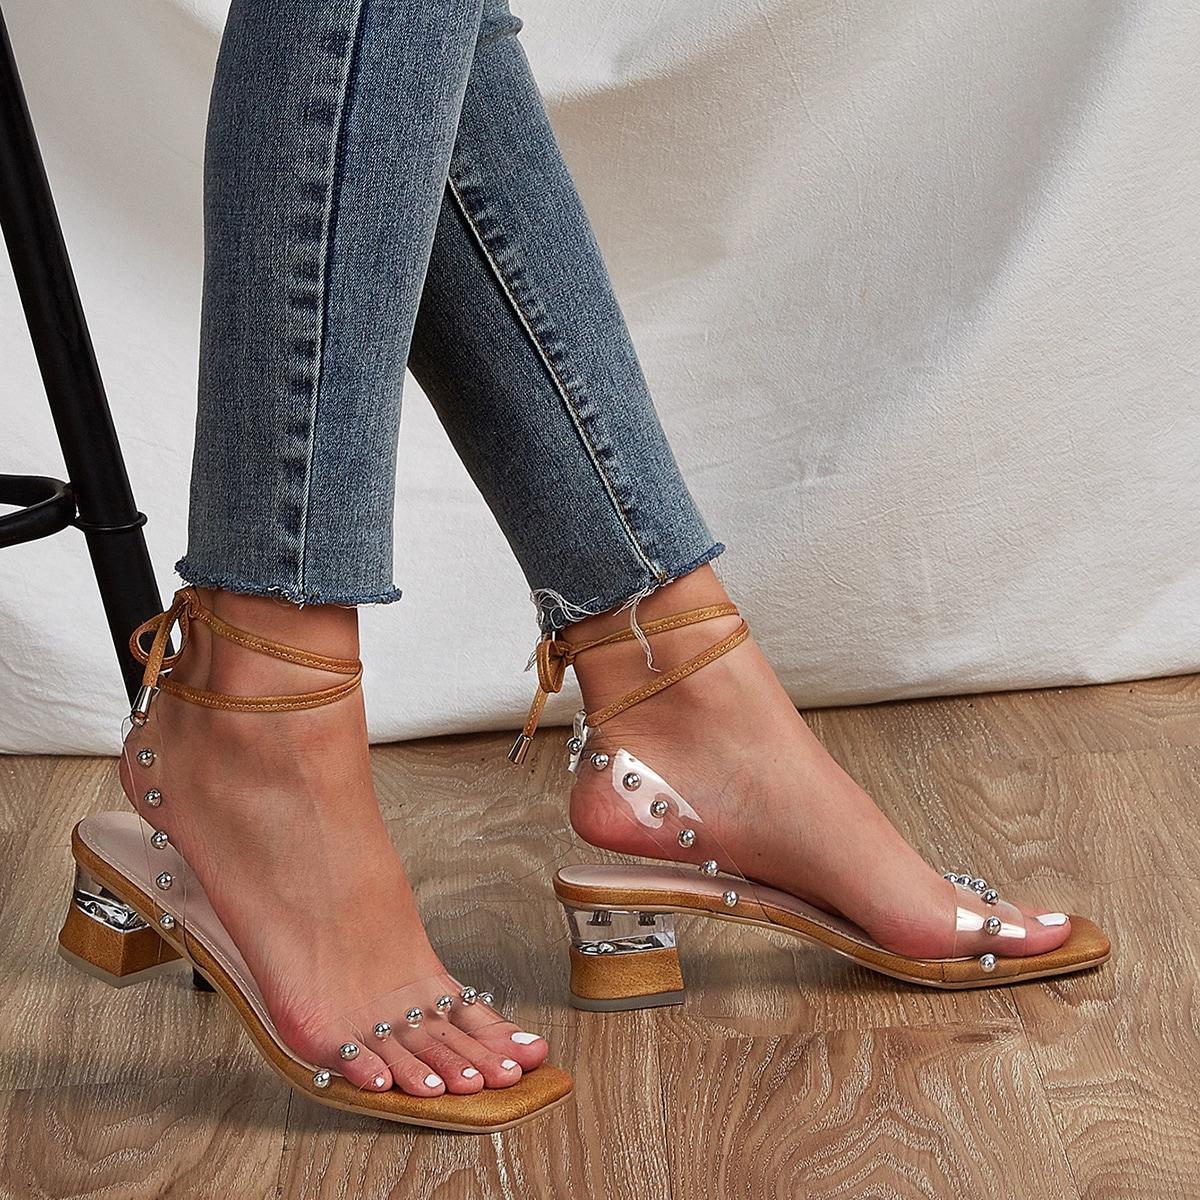 на шнурках с заклепками Одноцветный Стиль панк Сандалии/босоножки